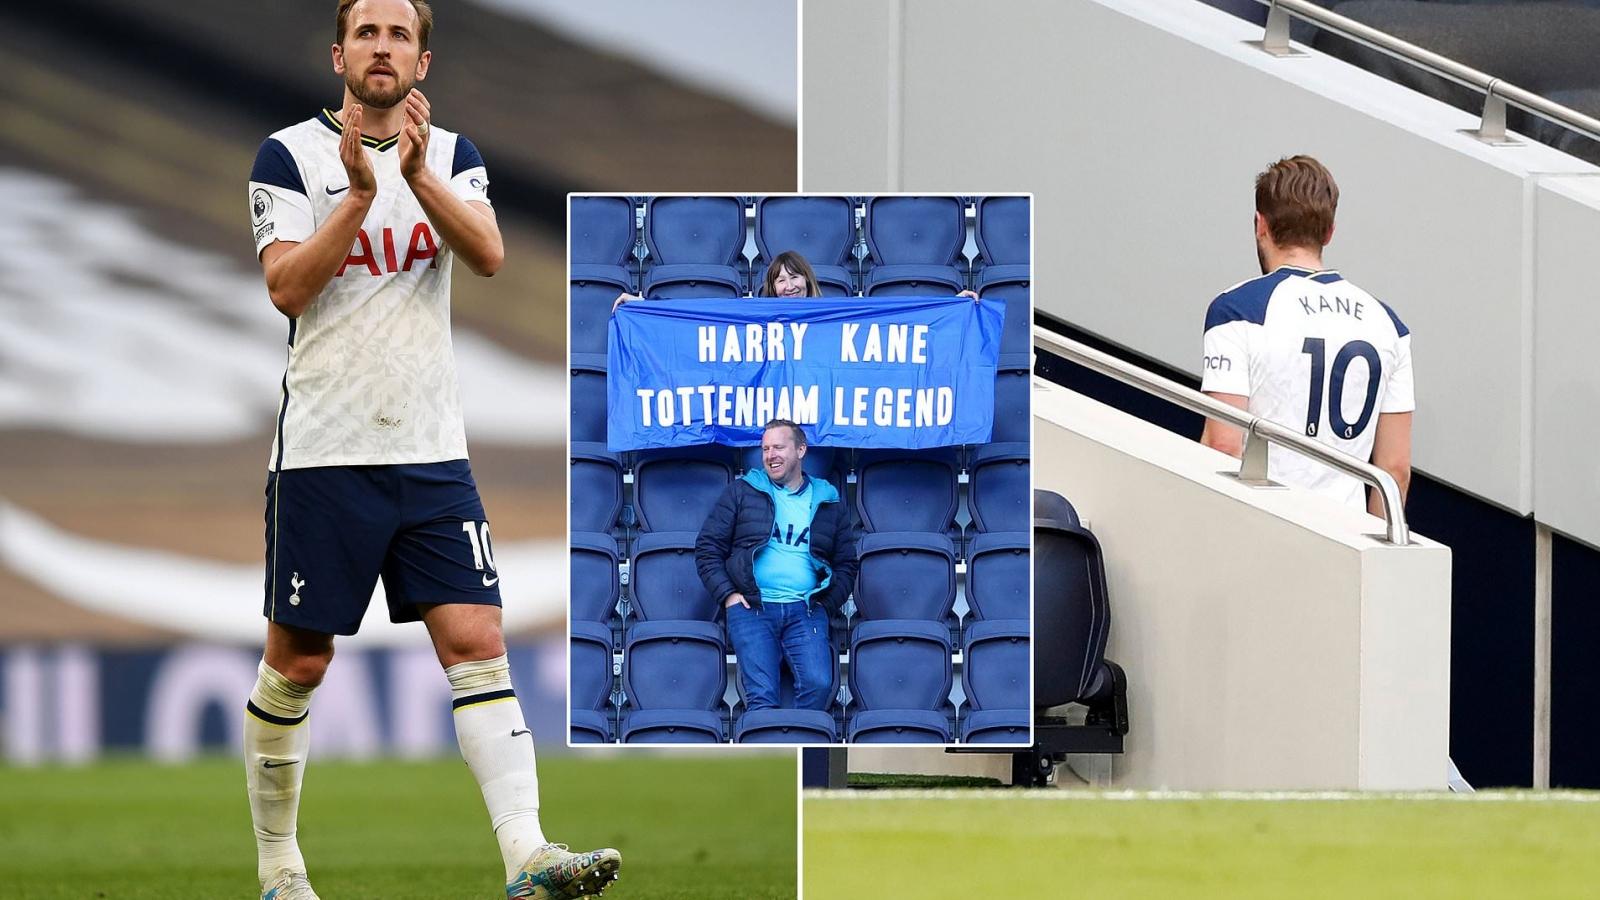 Harry Kane chào tạm biệt CĐV, chuẩn bị rời khỏi Tottenham